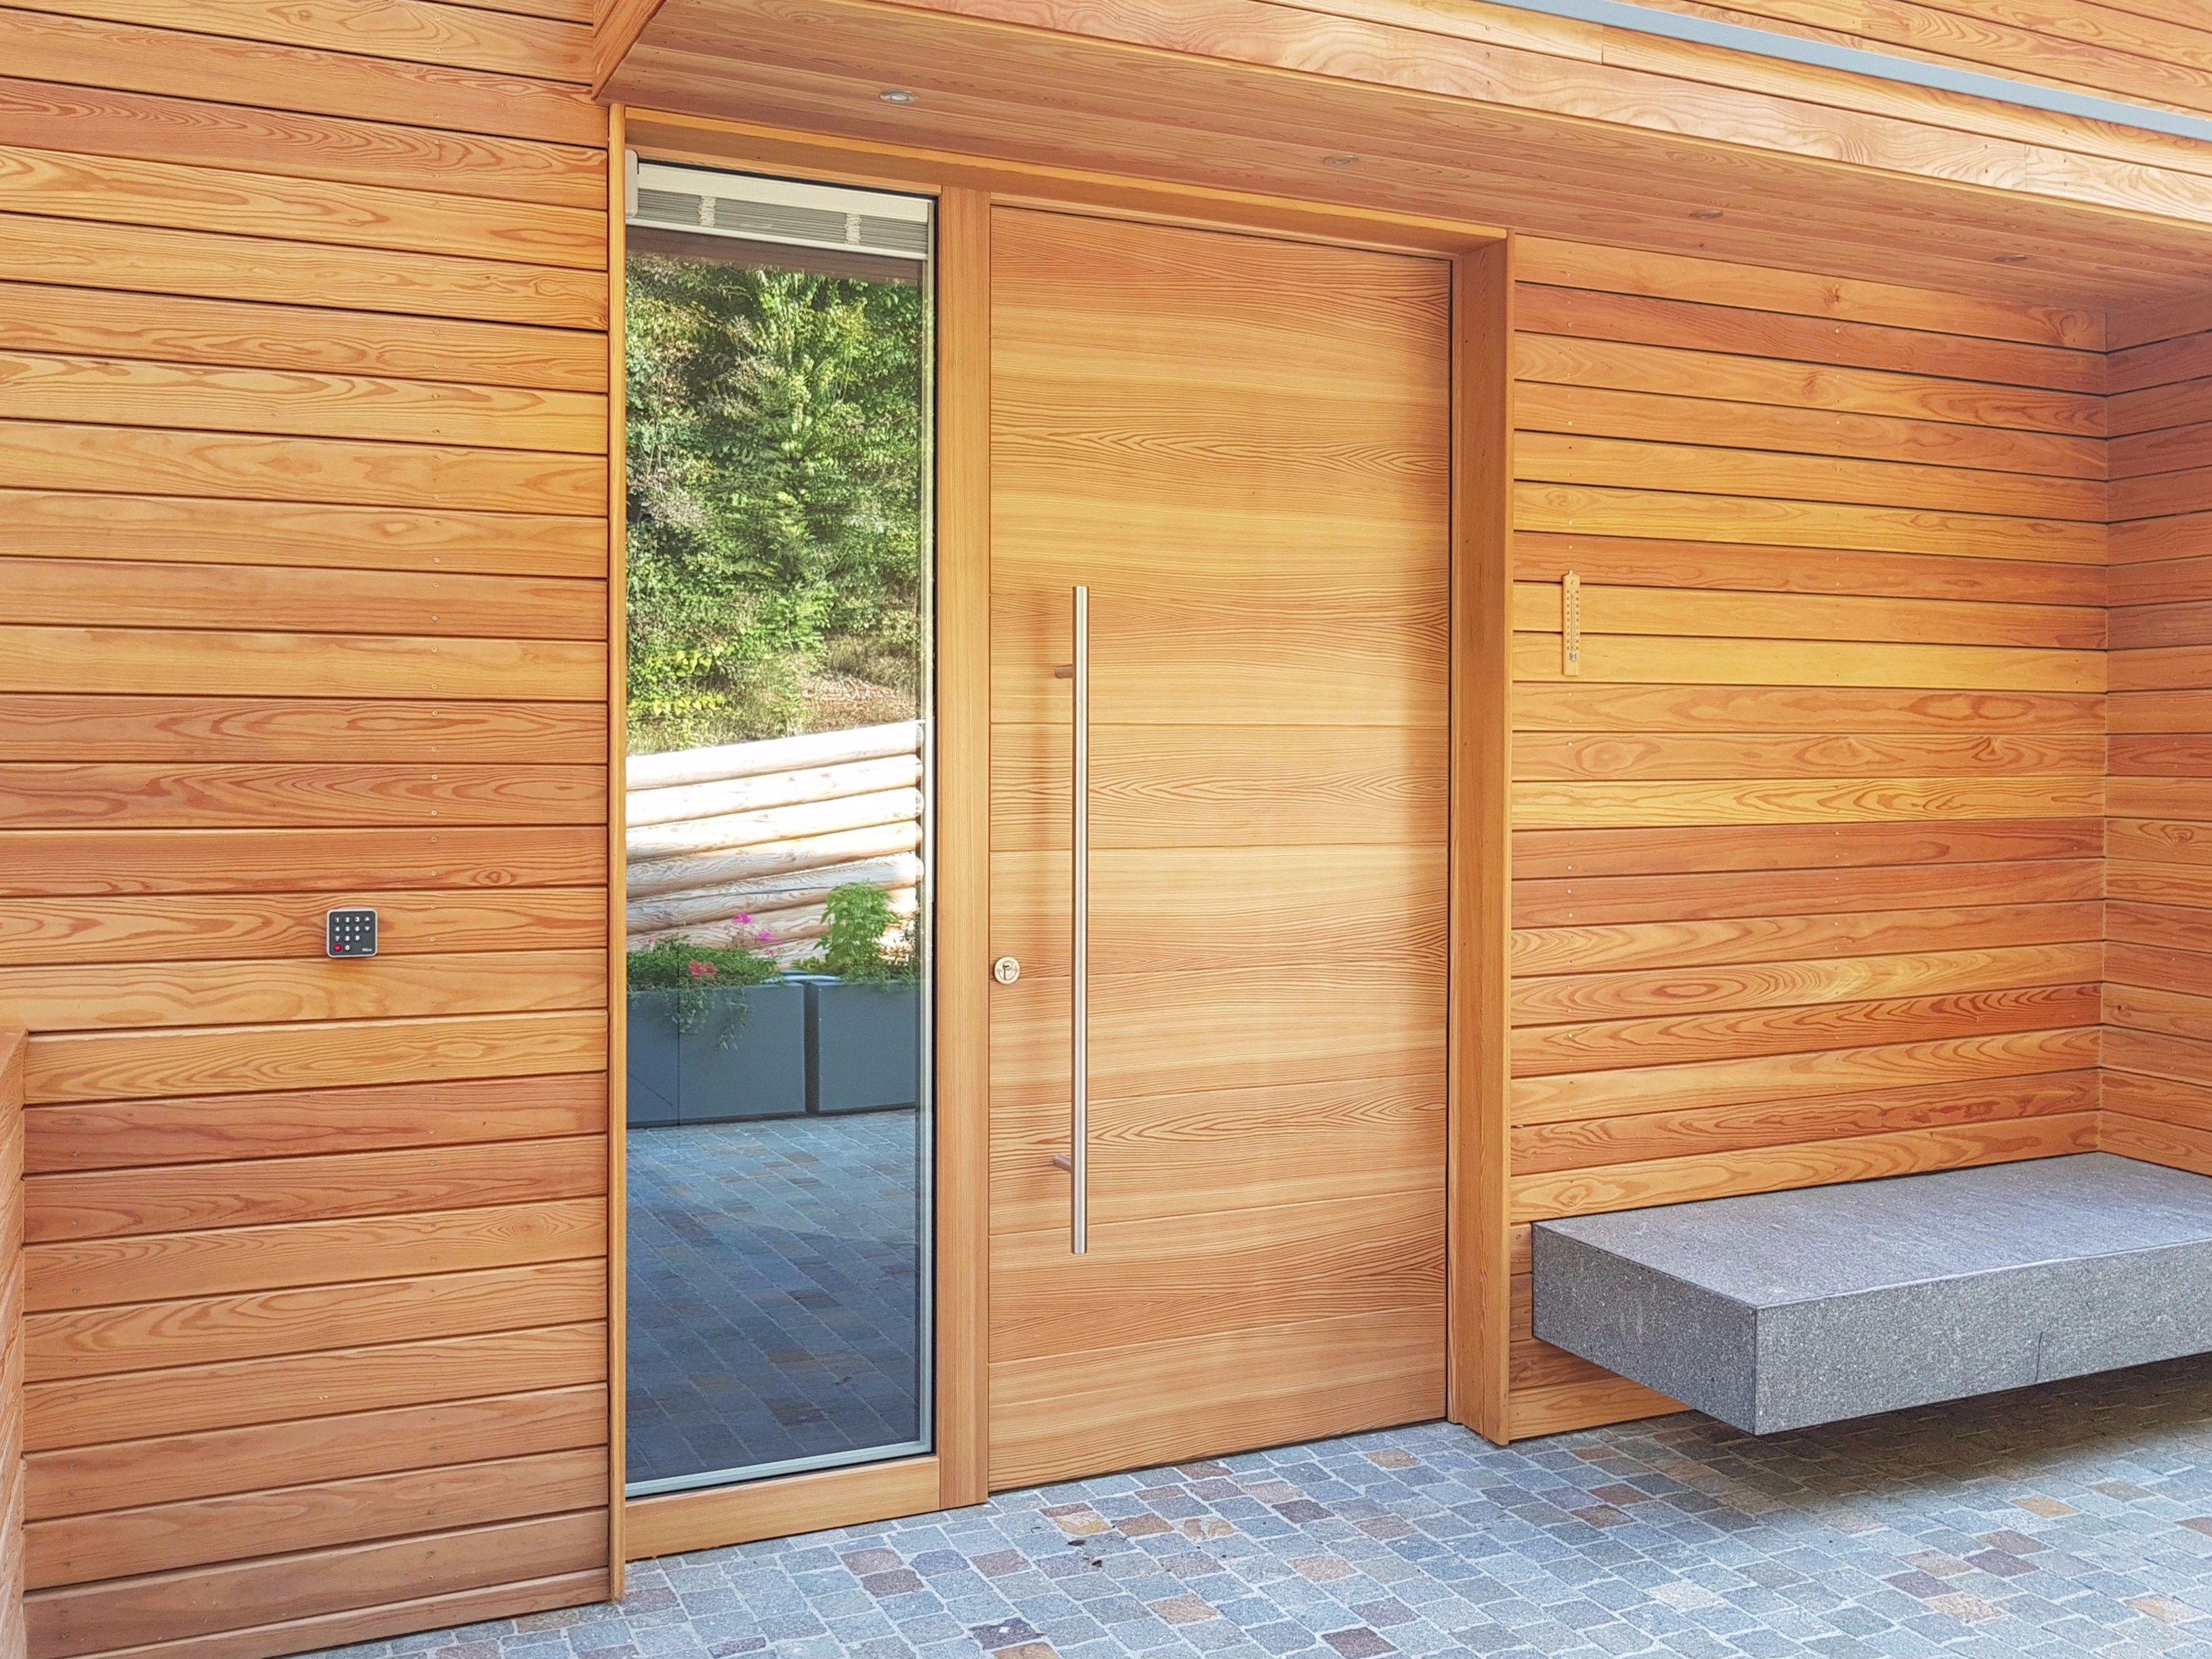 Porta d 39 ingresso in legno su misura clima 72 by alpilegno - Portoni in legno prezzi ...